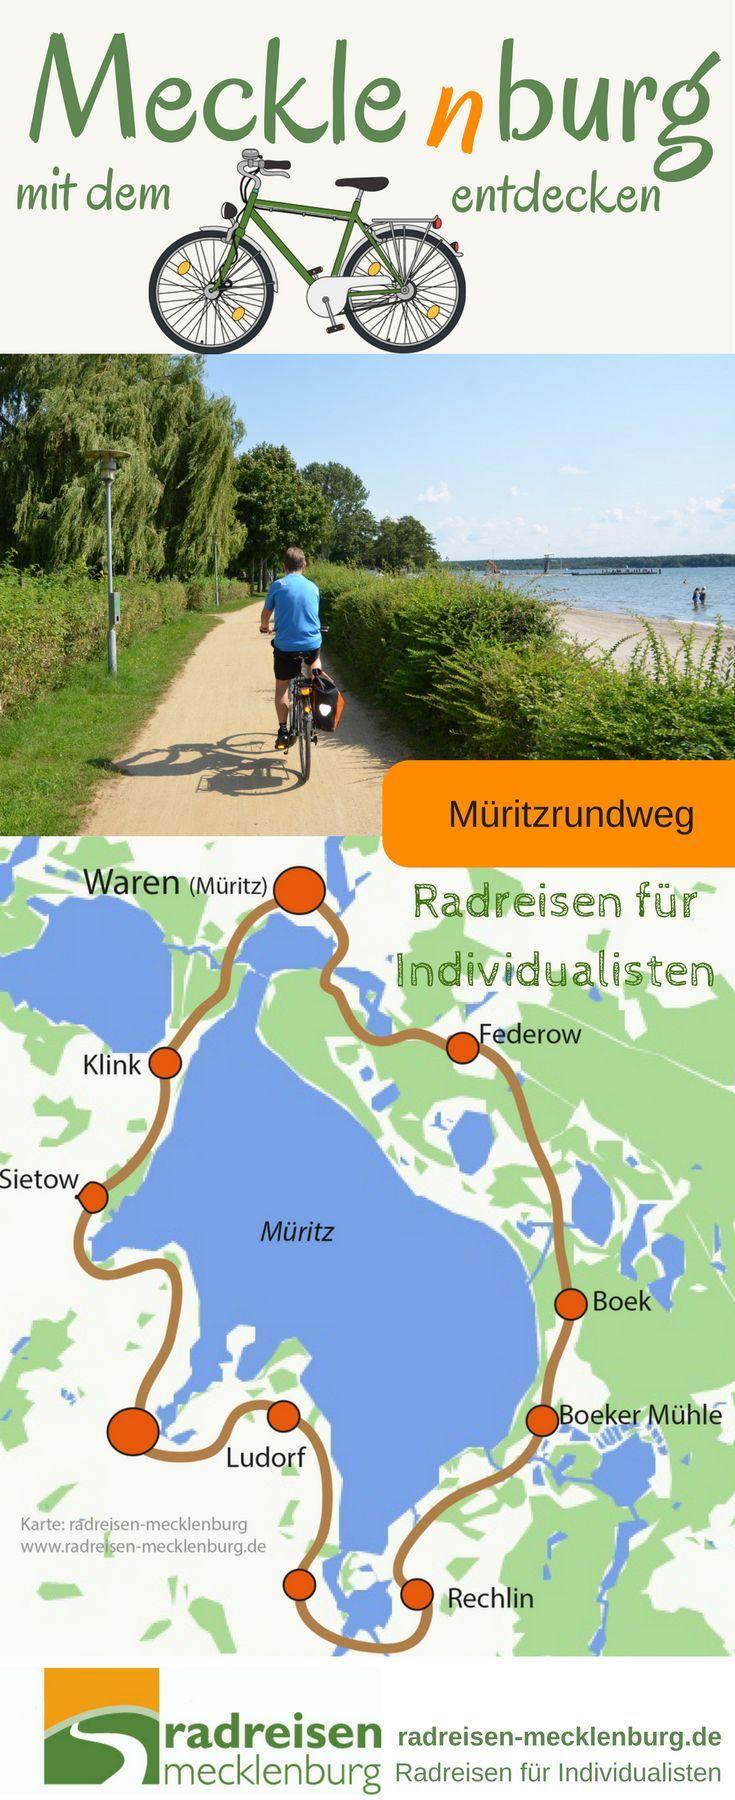 Radweg Mecklenburgische Seenplatte Karte.Im Herzen Mecklenburgs Liegt Eine Traumlandschaft Die